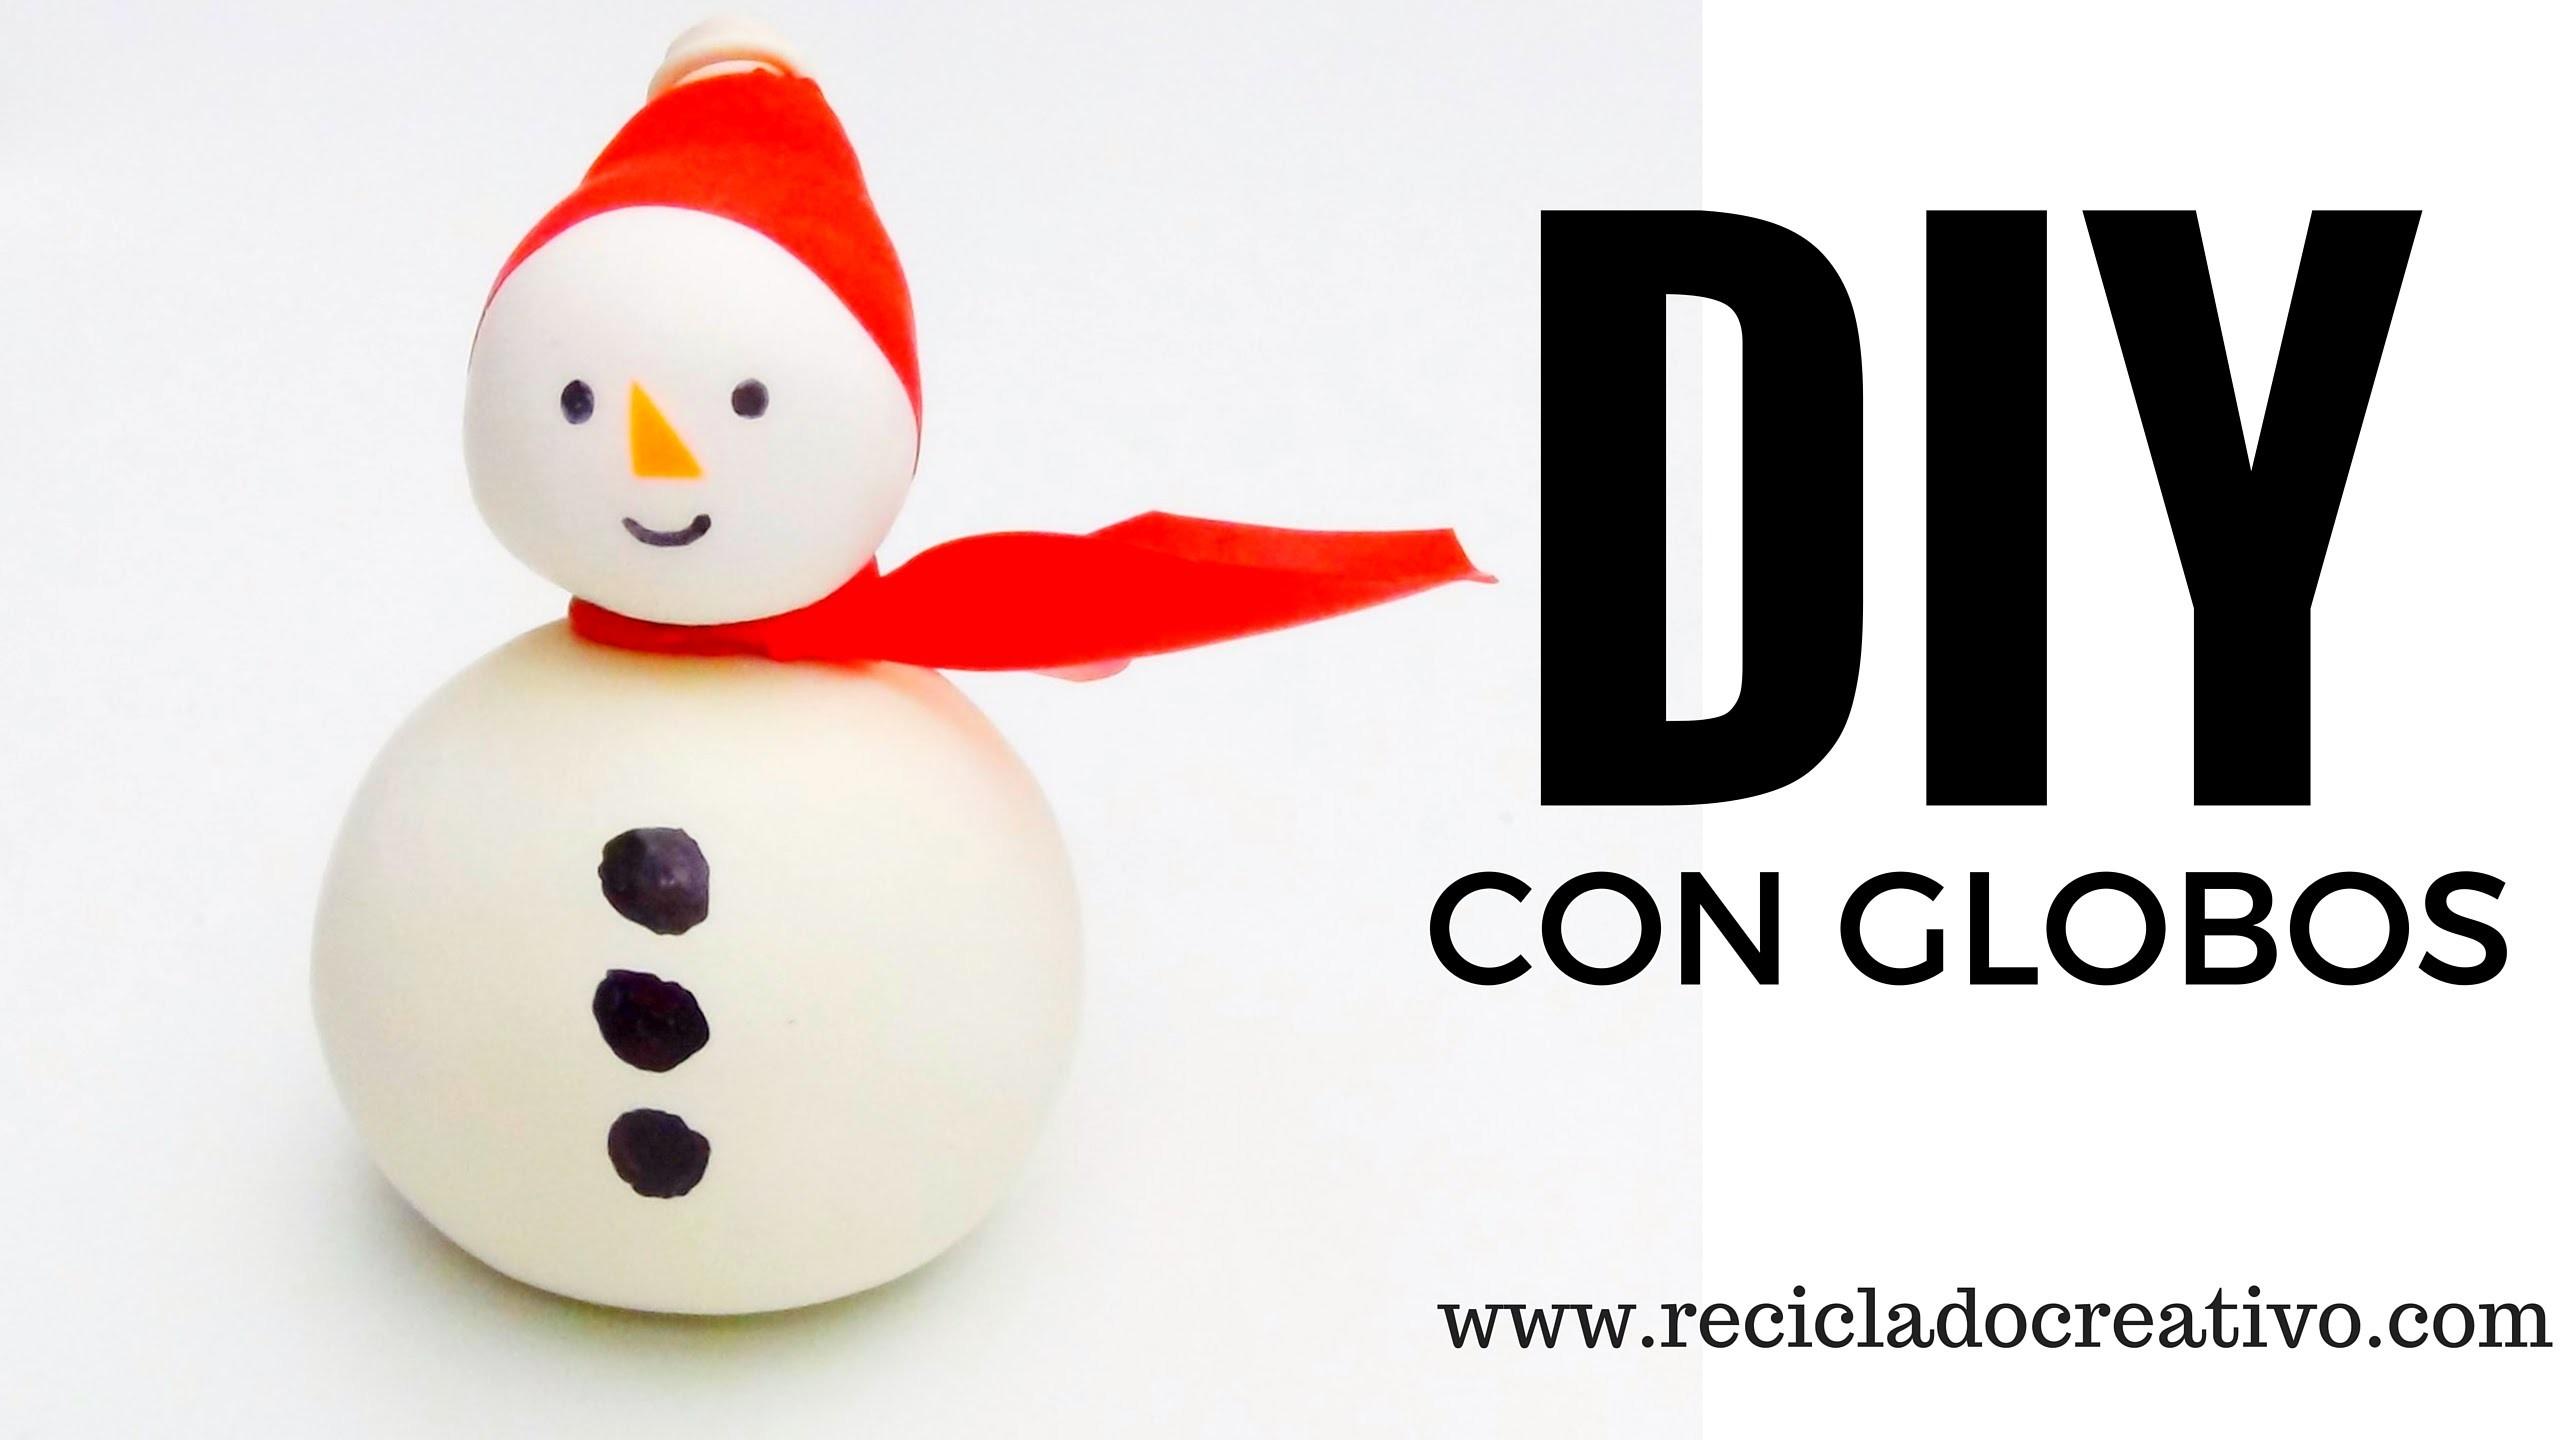 DIY Muñeco de nieve SNOWMAN con globos y sal - Manualidades para navidad con niños